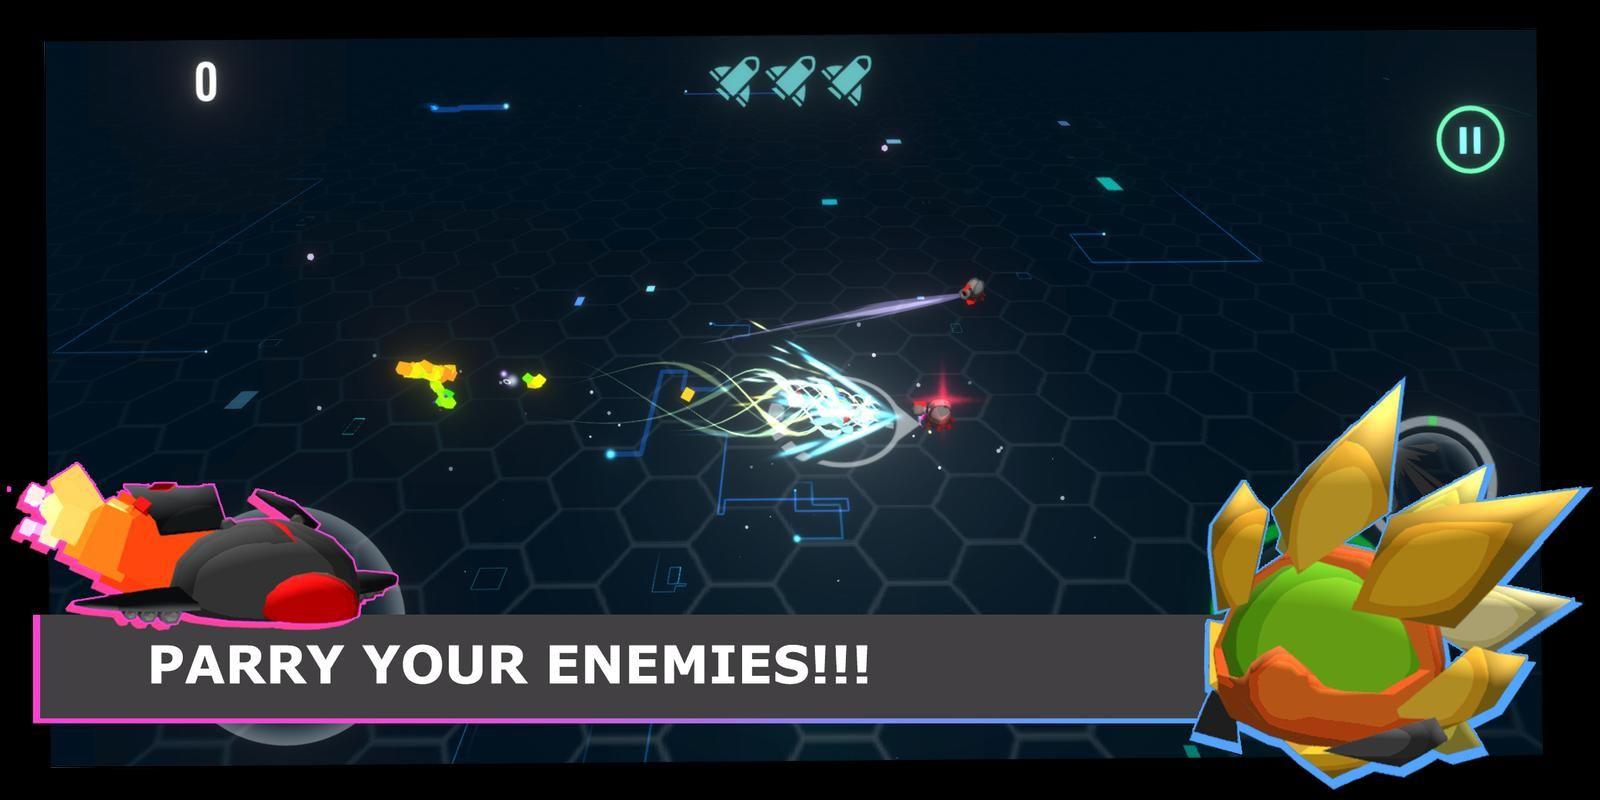 银河反击游戏官方最新版(Galactic Clapback)图片1